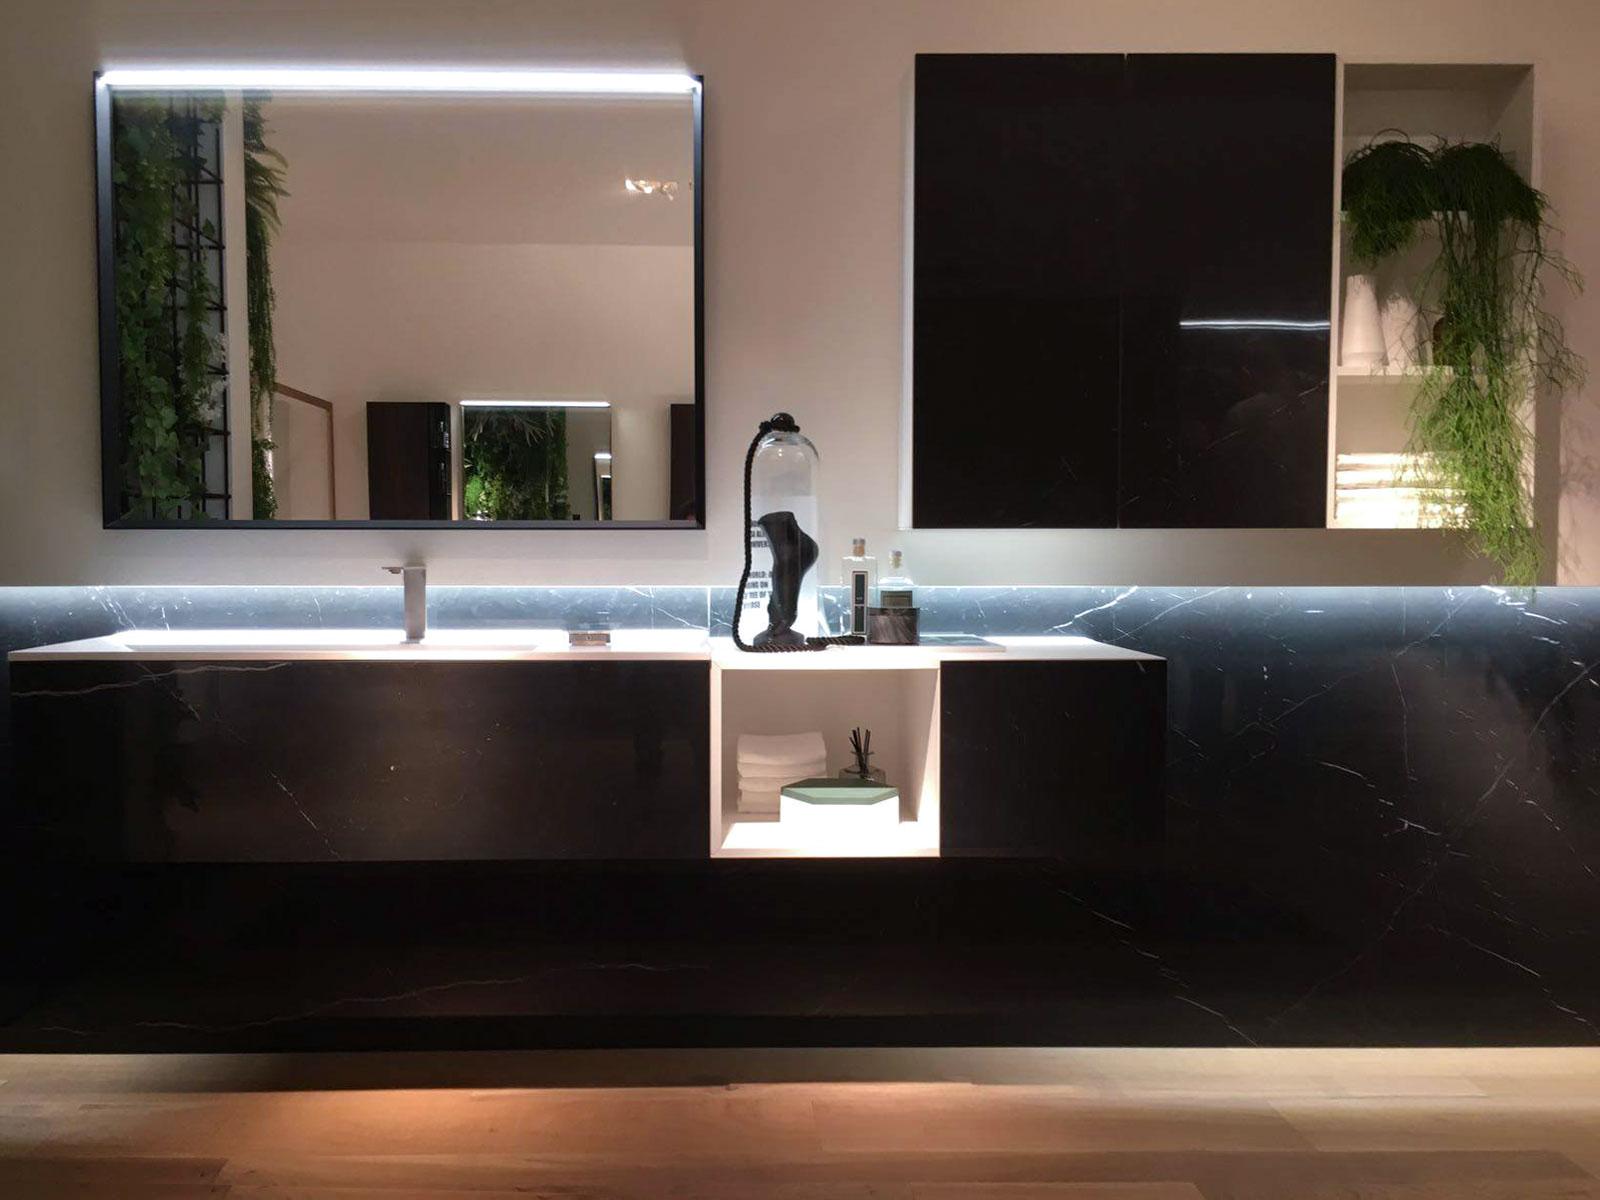 collezione dogma by aqua - arredo bagno ideagroup - salone internazionale del bagno 2018 milano